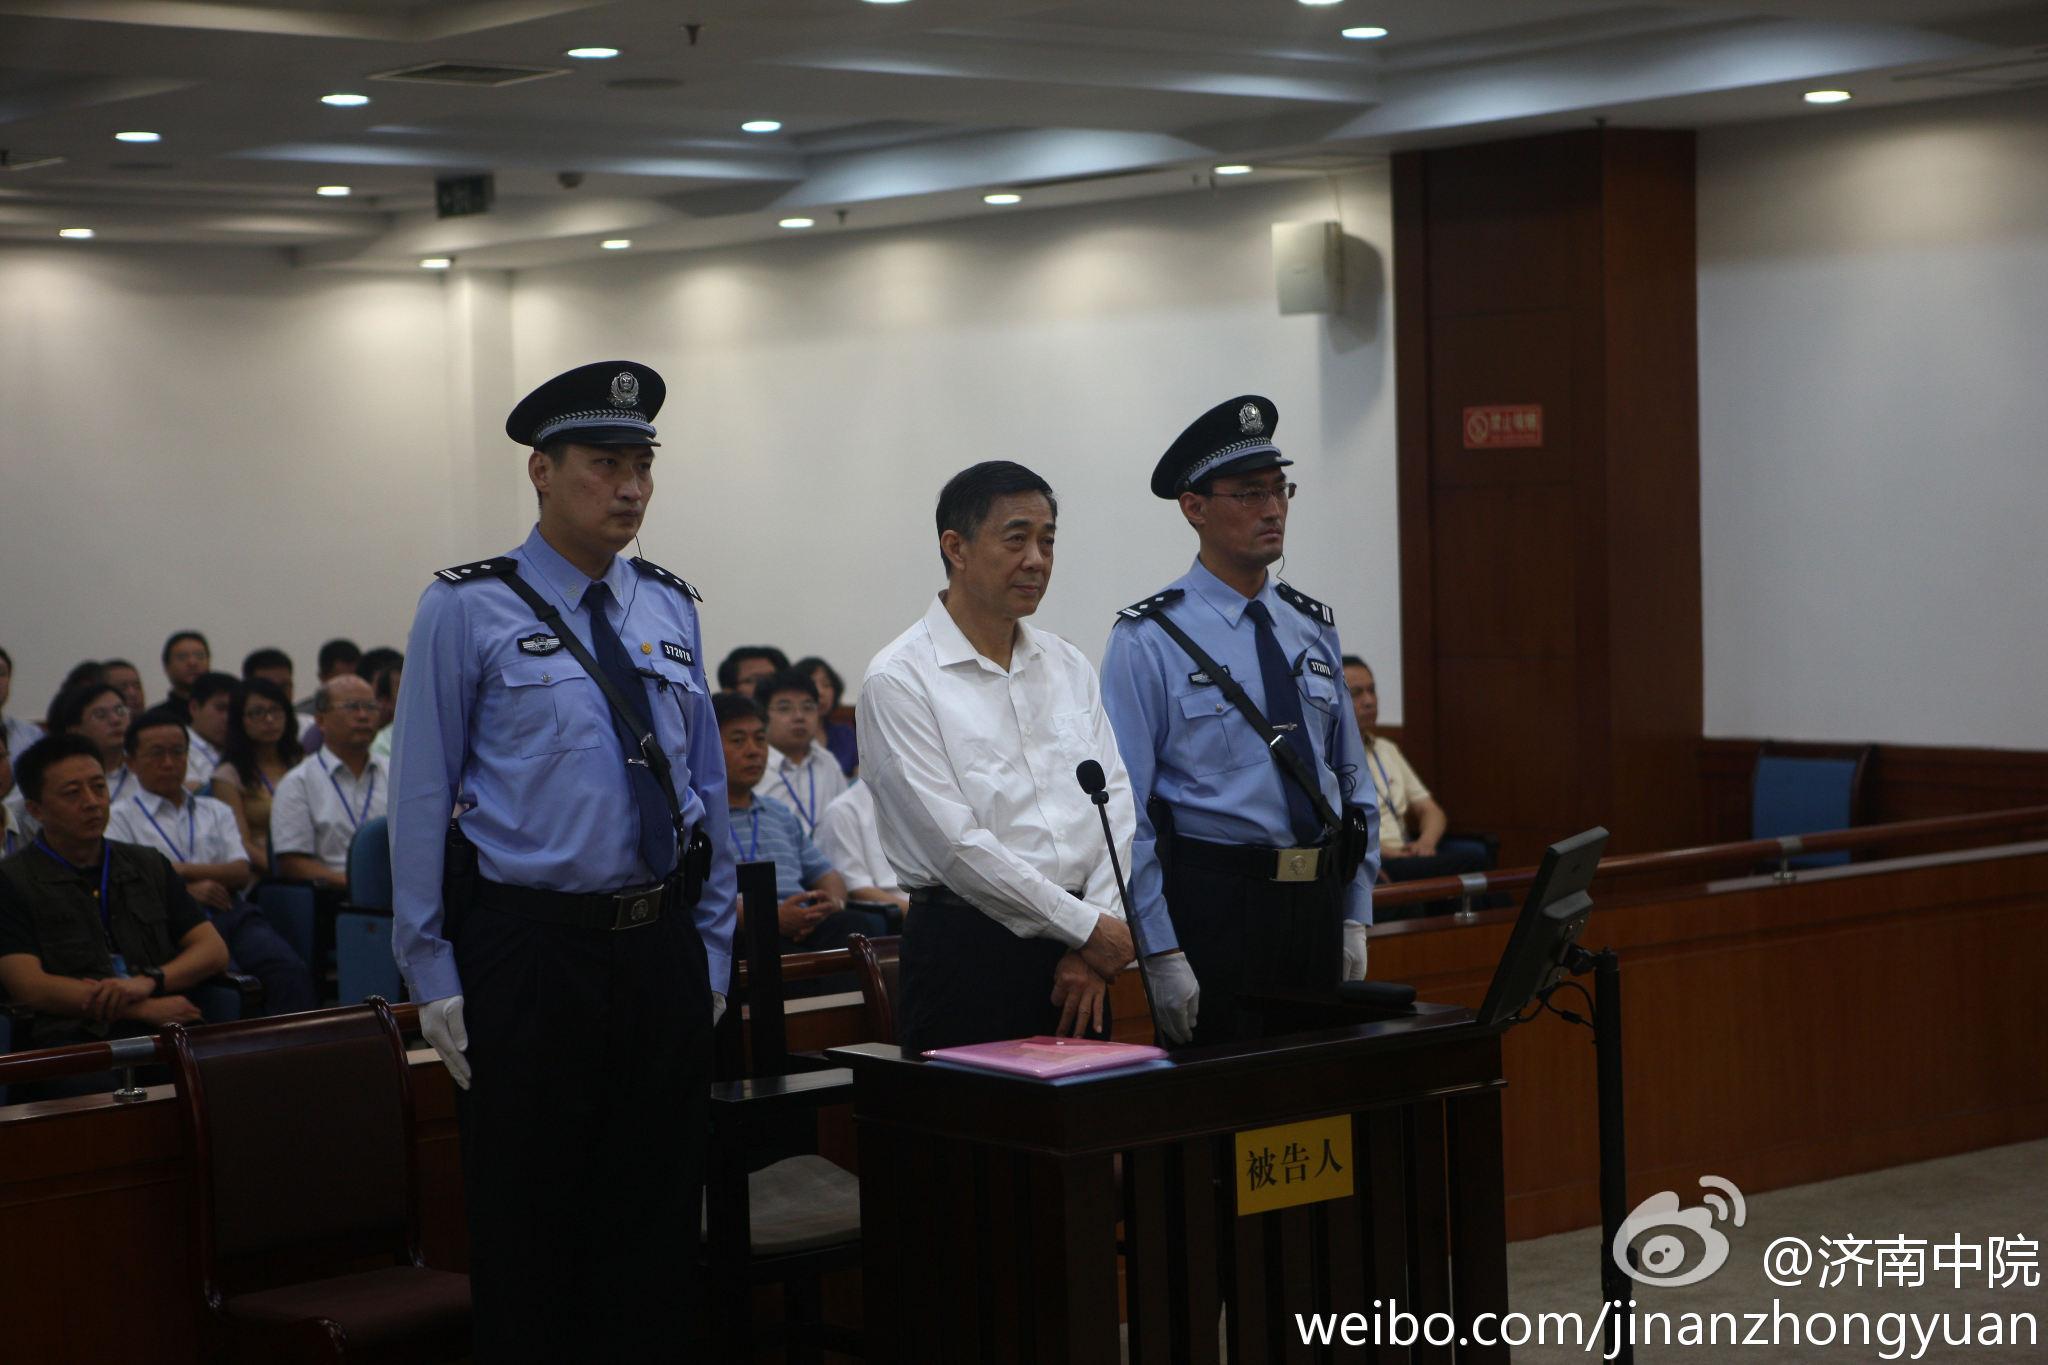 济南中院院于2013年8月22日8时30分在第五法庭公开开庭审理被告人薄熙来受贿、贪污、滥用职权一案。庭审现场。